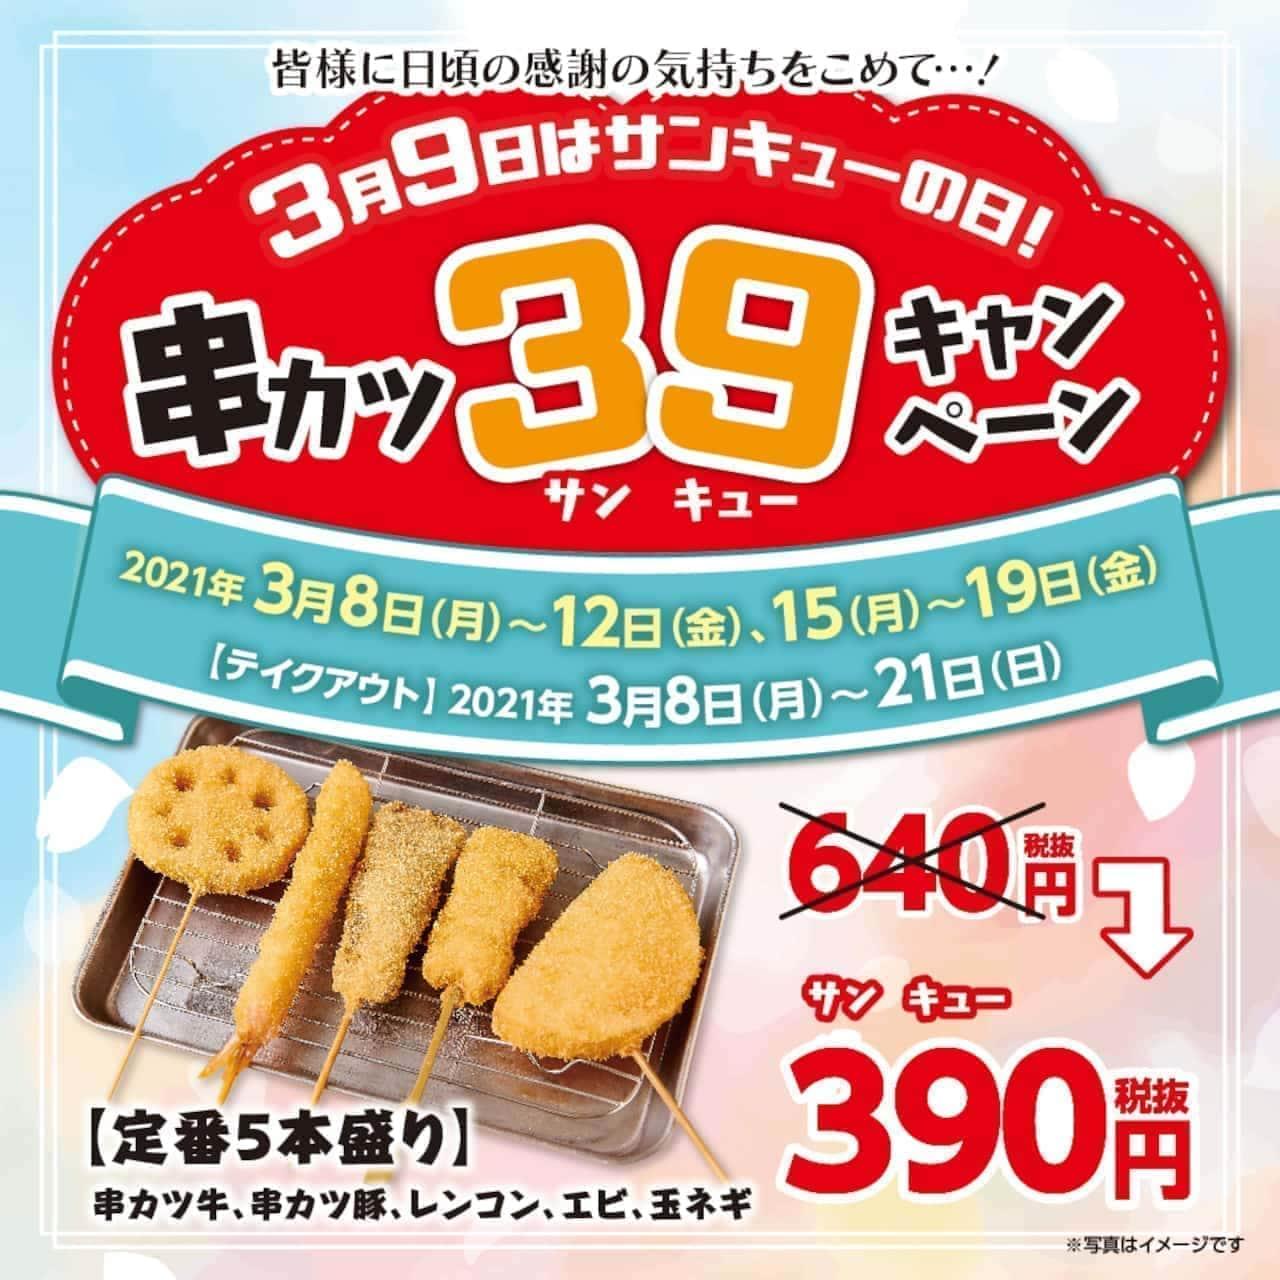 串カツ田中「サンキューの日」キャンペーン